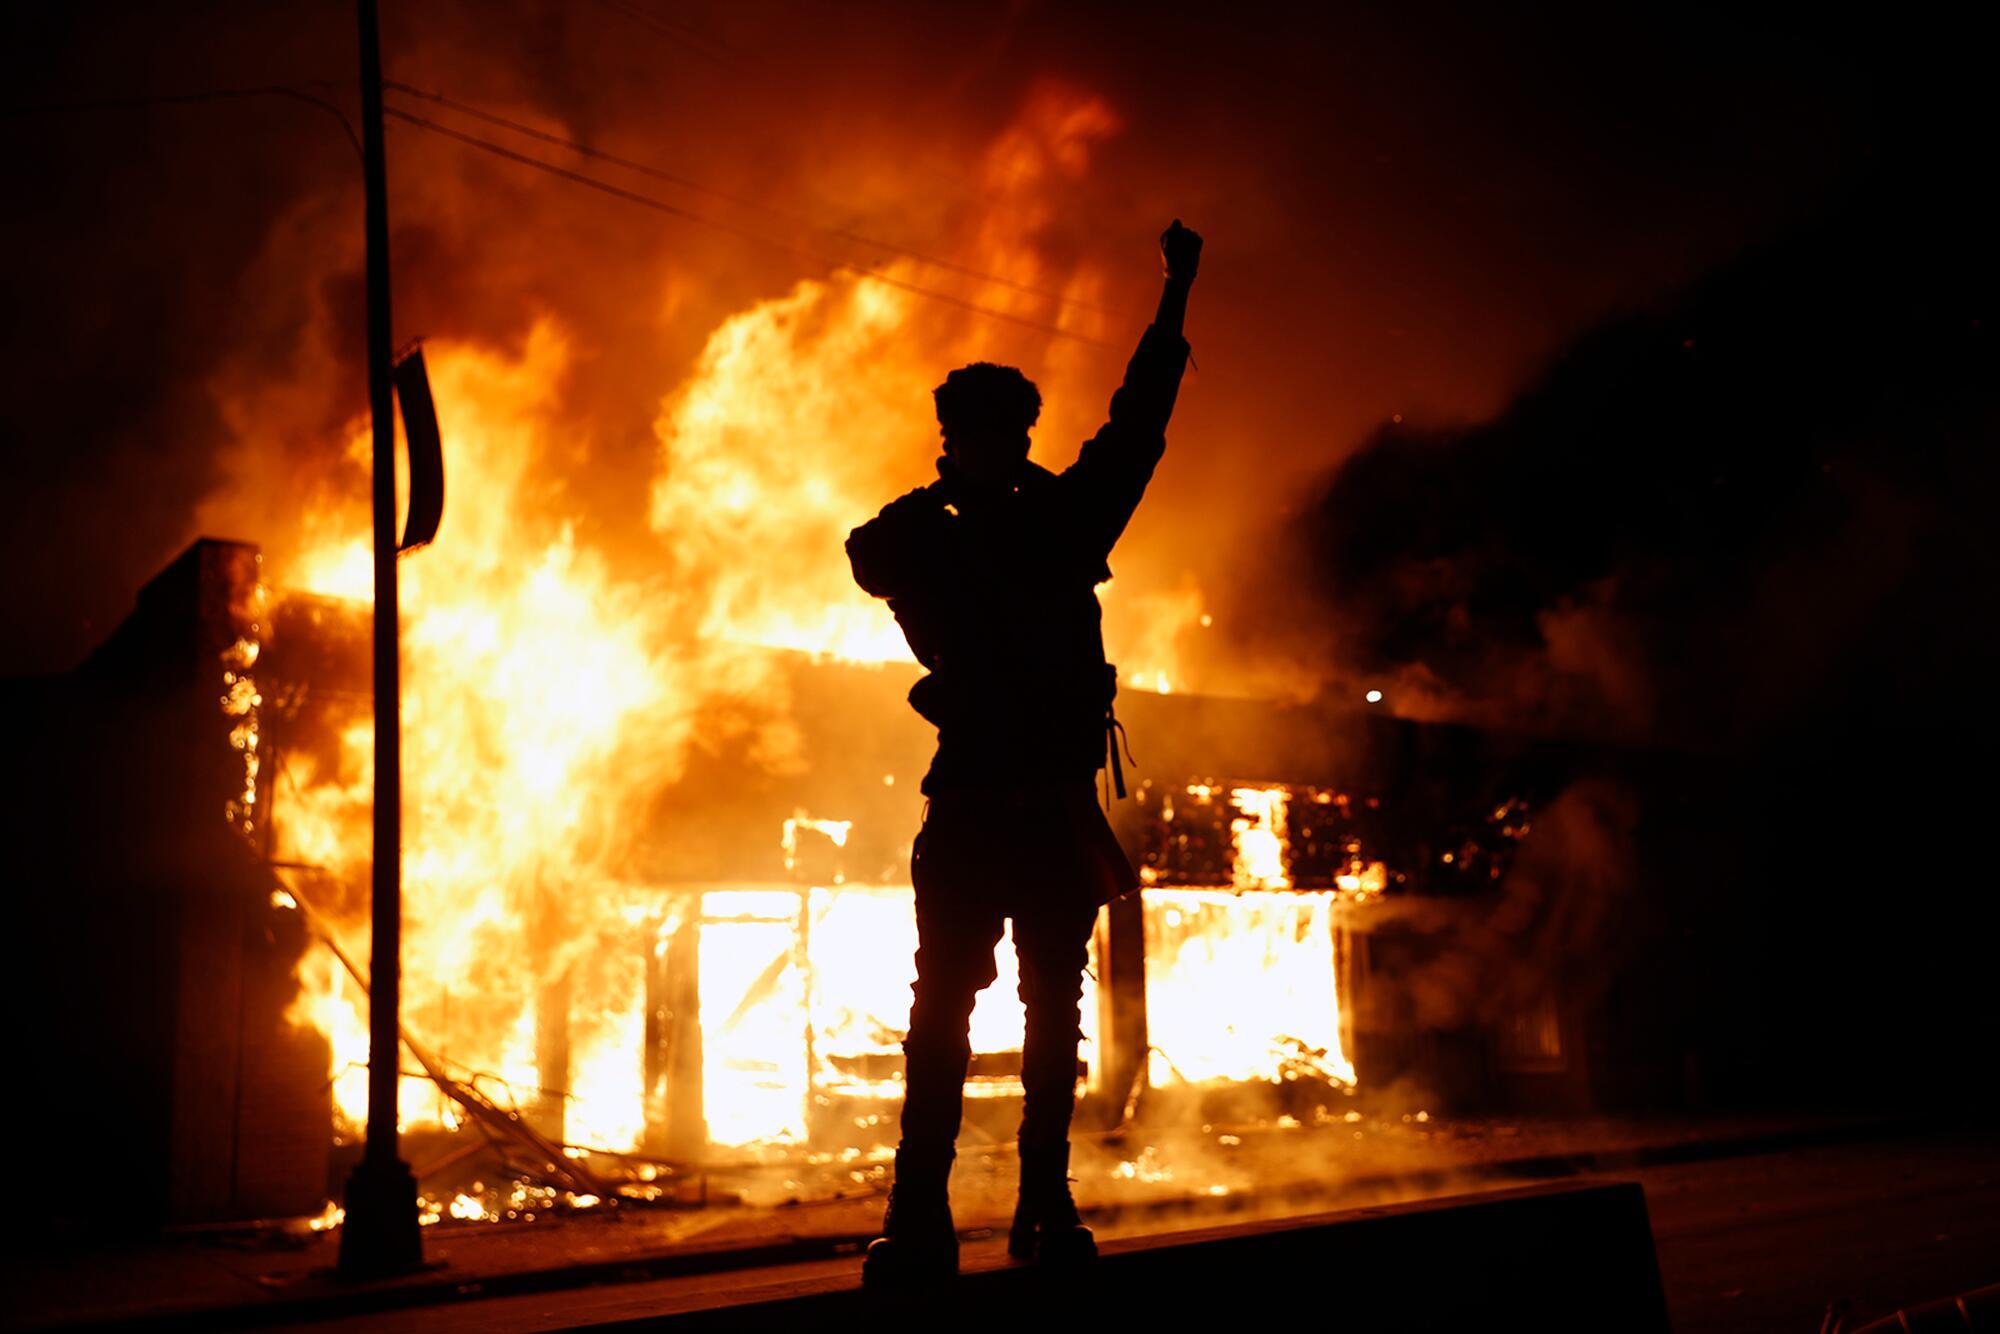 【道指跌穿两万点】_美媒统计:全美33城爆发抗议骚乱